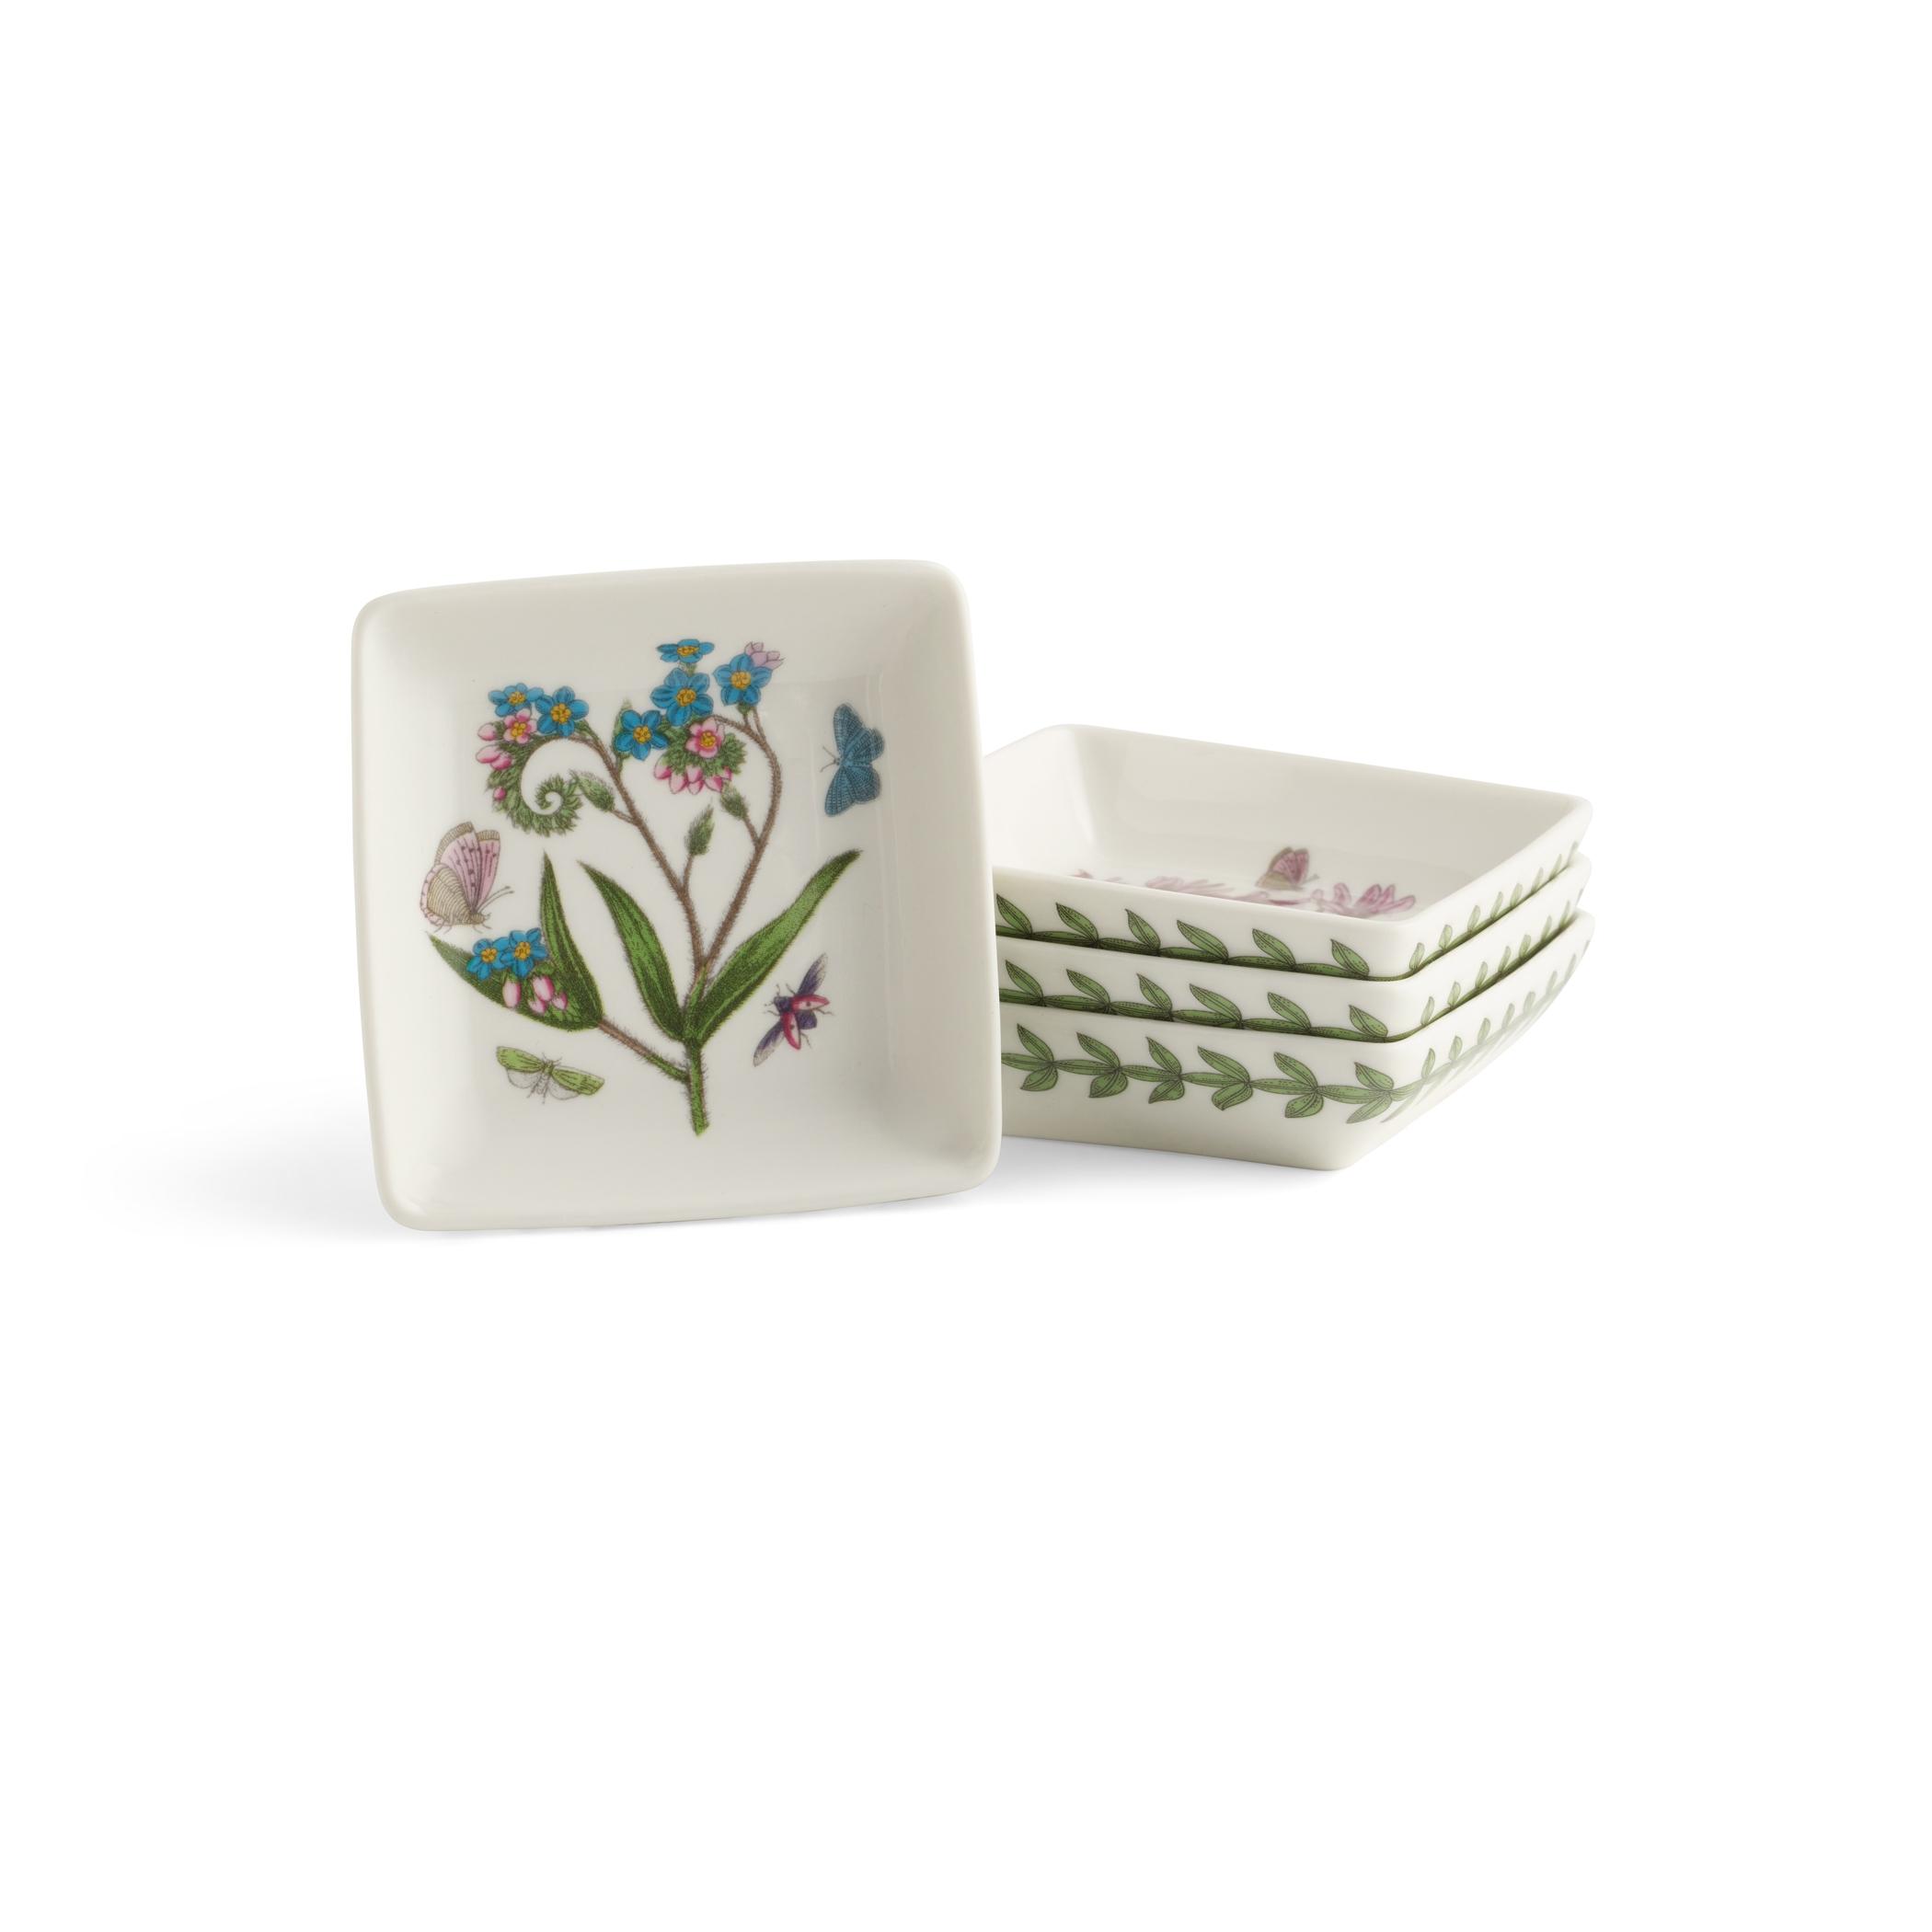 Portmeirion Botanic Garden Set of 9 Square Mini Dishes